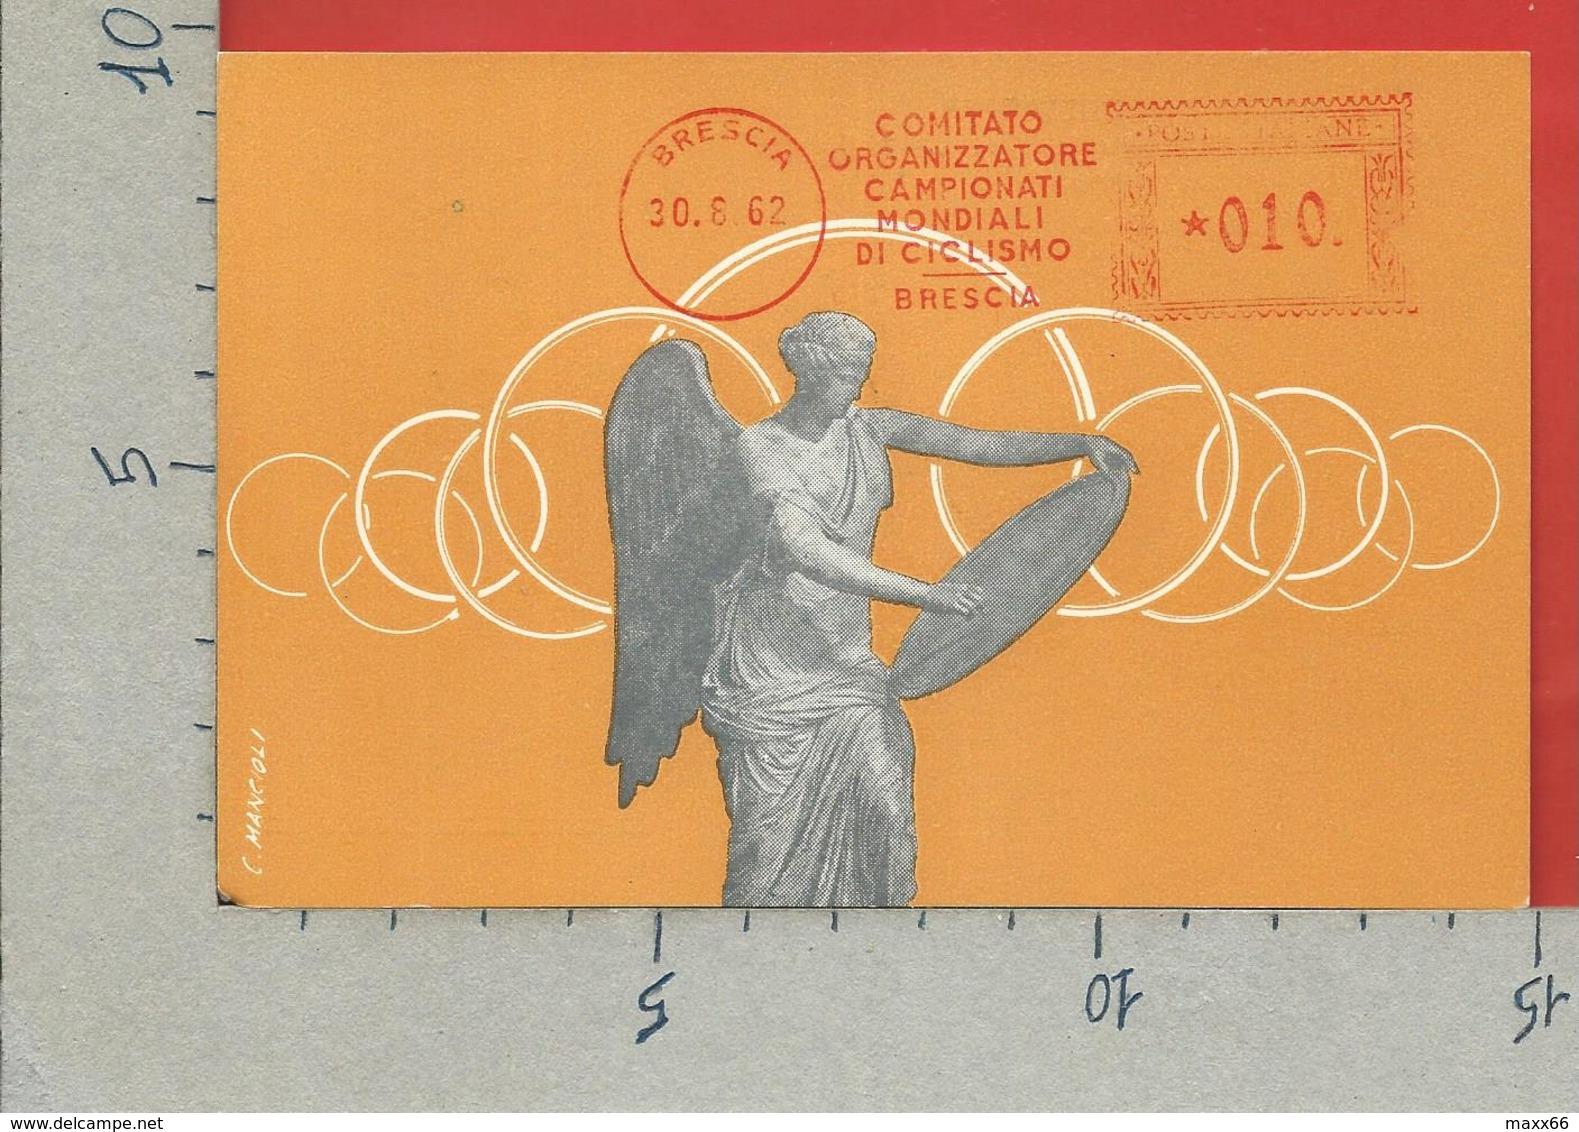 ITALIA 1962 - Comitato Organizzatore Campionati Mondiali Ciclismo BRESCIA - Meccanica Rossa 30 - 08 - 1962 - Affrancature Meccaniche Rosse (EMA)